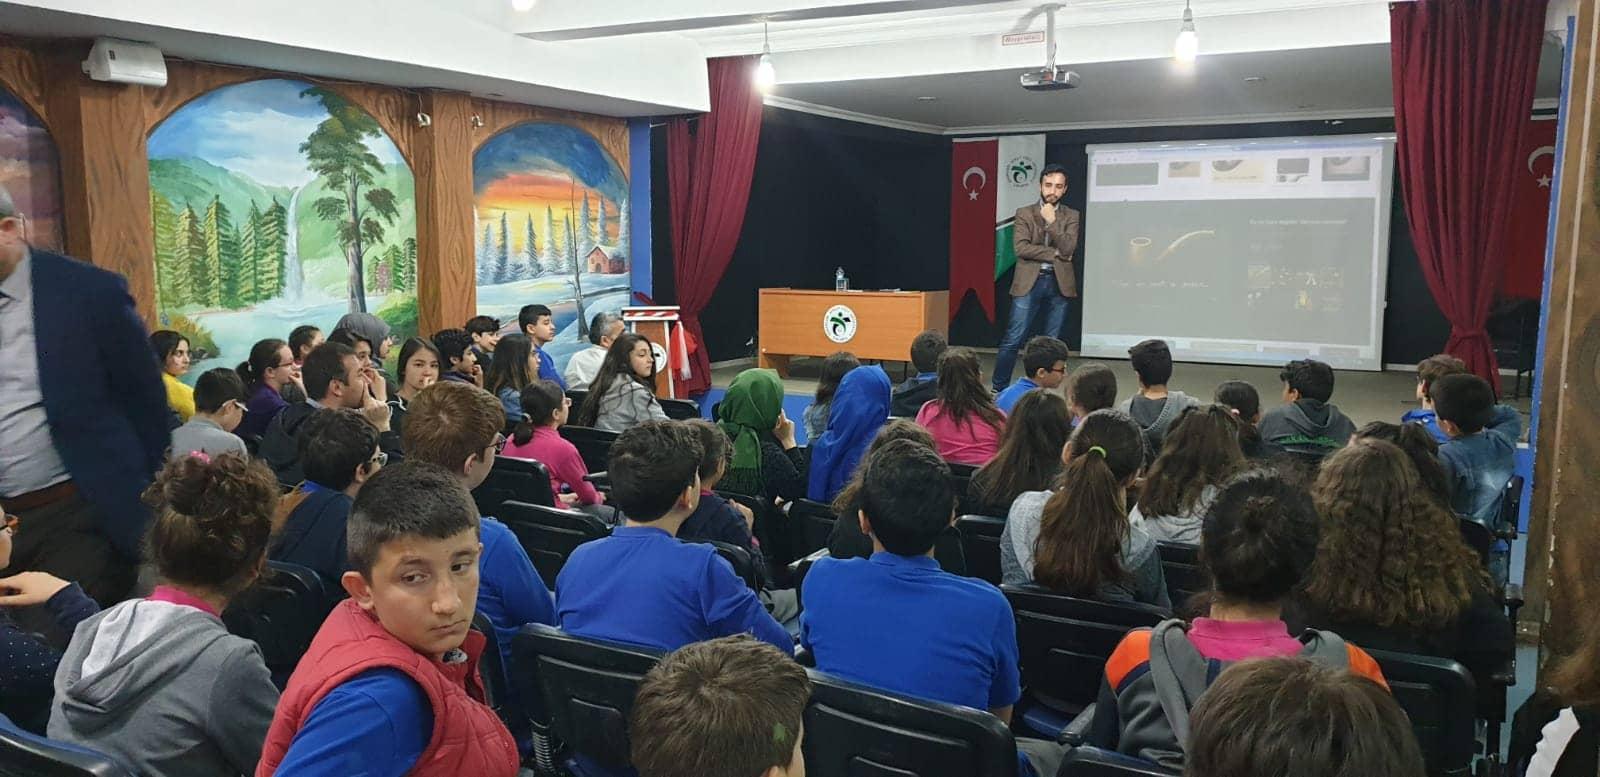 Sakaryalı Yazarlar 23 Okulda Sanat ve Edebiyatı Konuştu